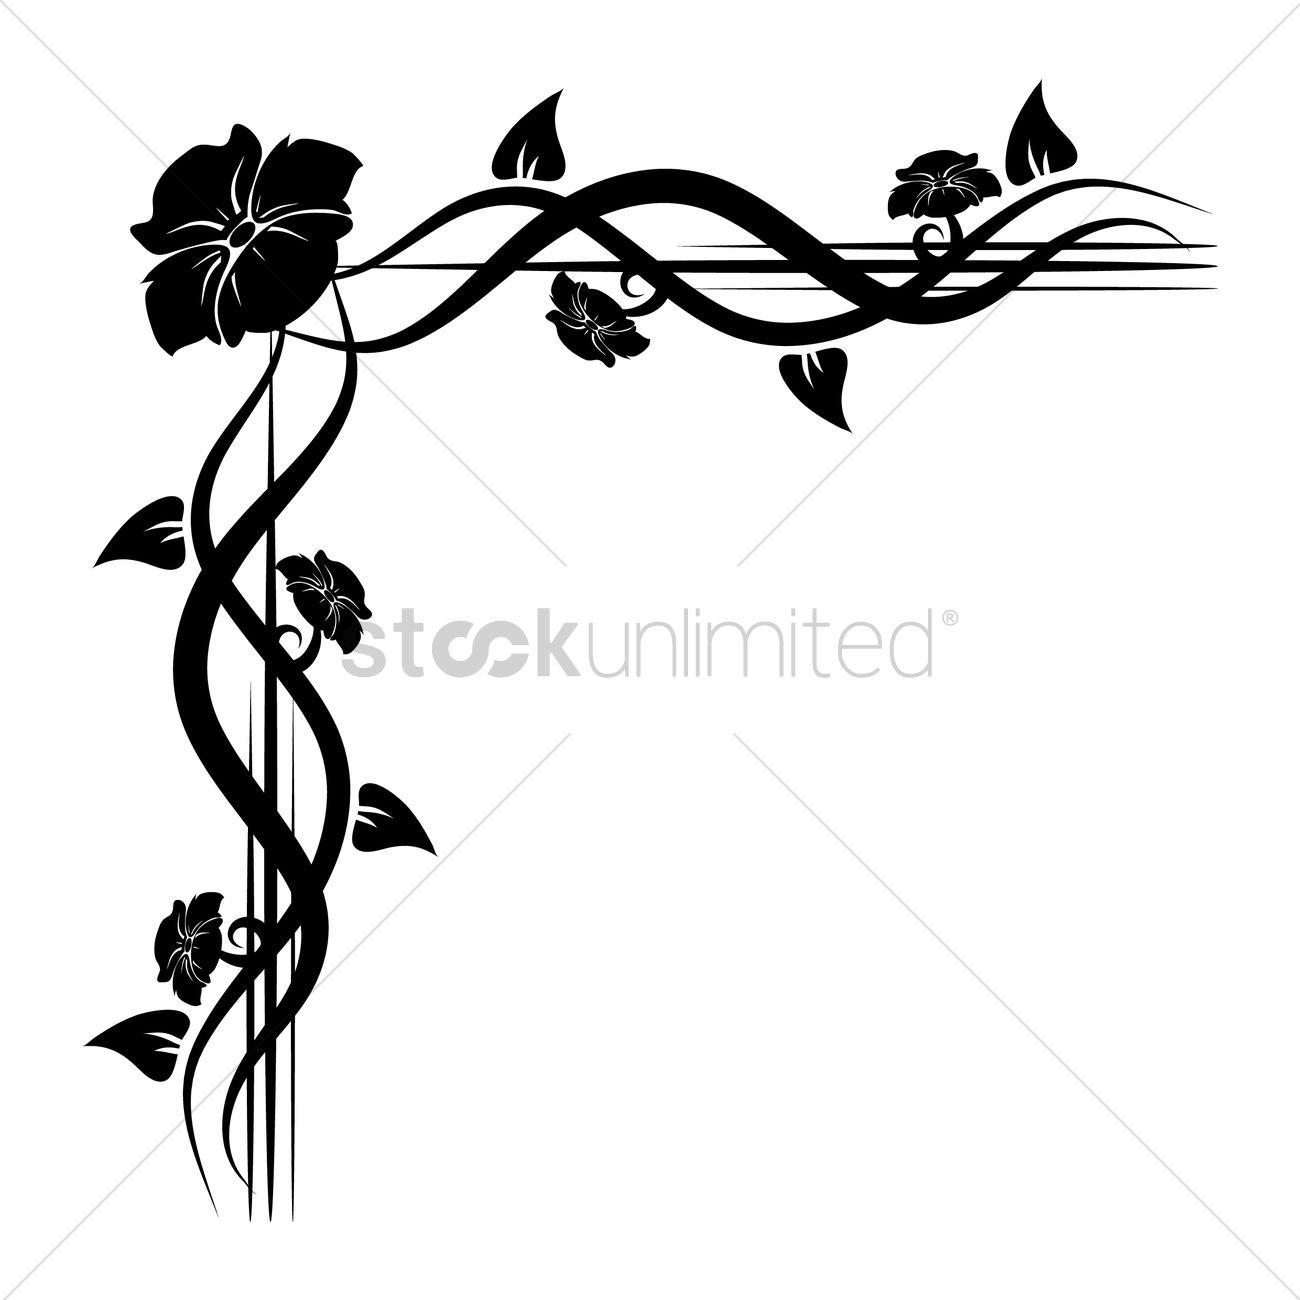 Floral corner design Vector Image - 1626883   StockUnlimited